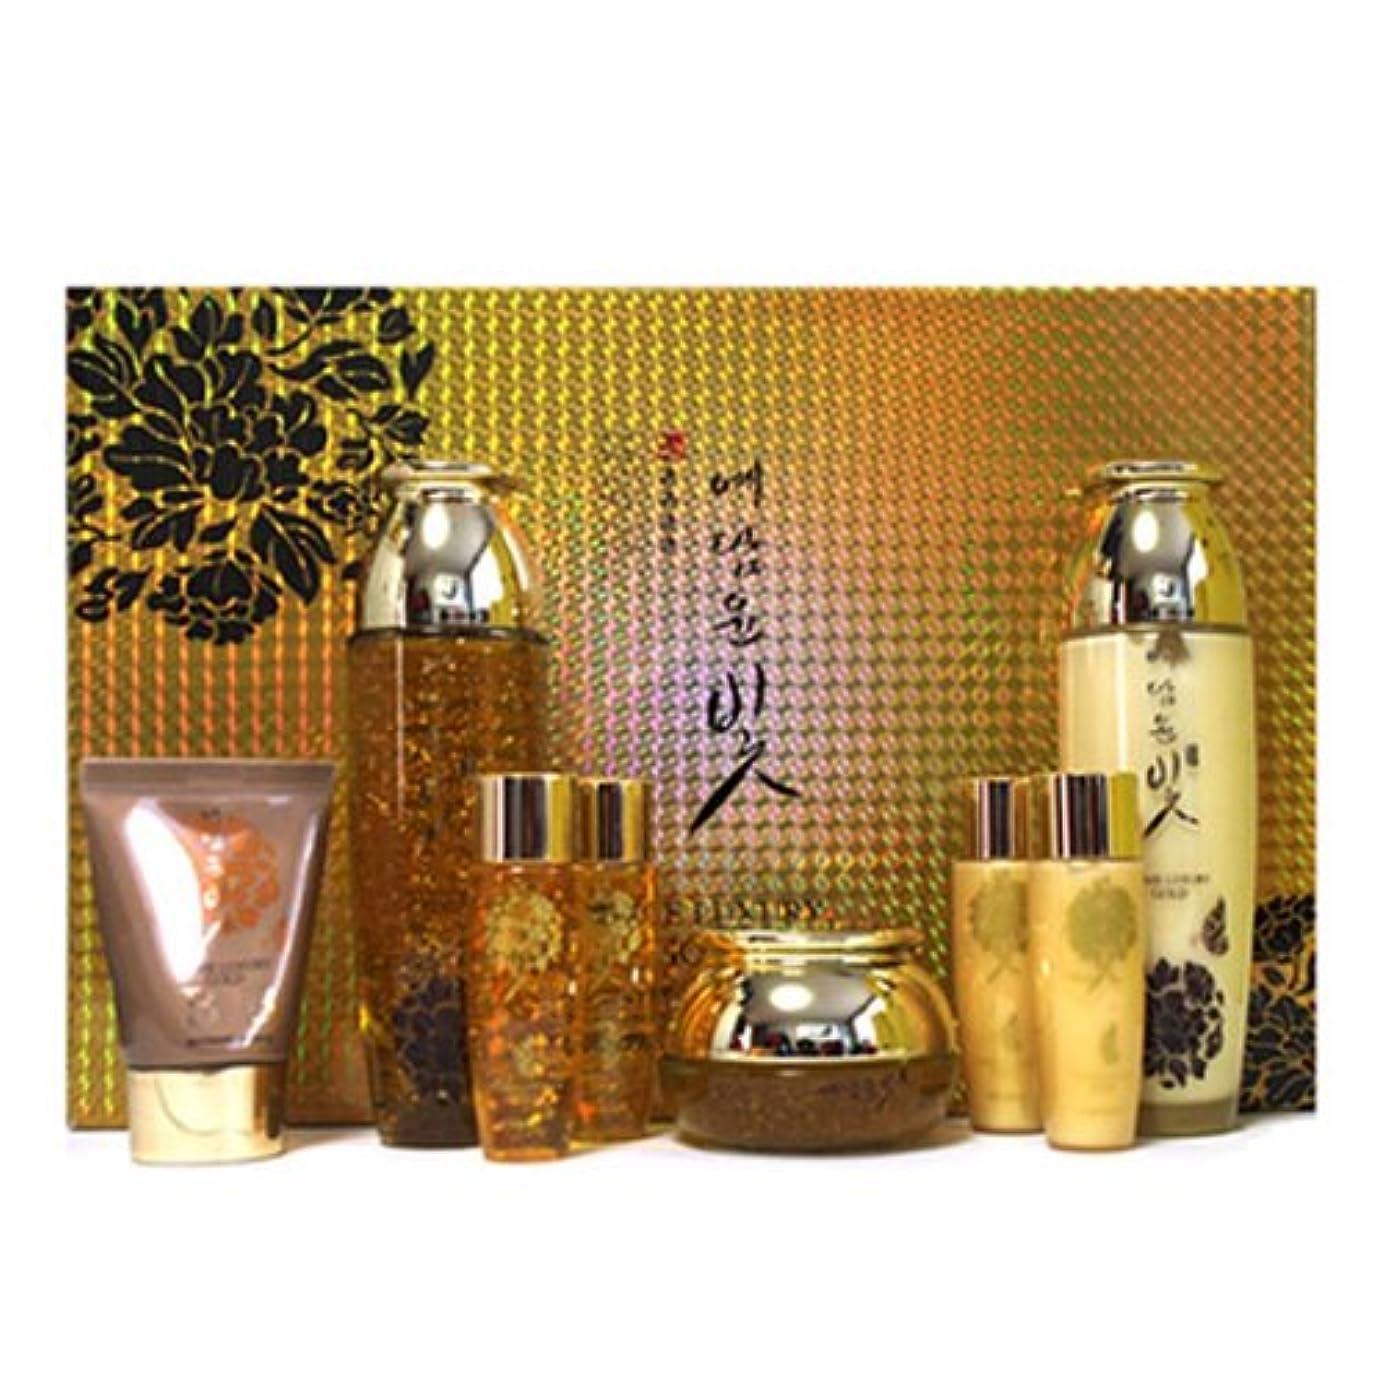 どれ卒業朝イェダムユンビト[韓国コスメYedam Yun Bit]Prime Luxury Gold Skin Care Set プライムラグジュアリーゴールドスキンケア4セット 樹液 乳液 クリーム/ BBクリーム [並行輸入品]